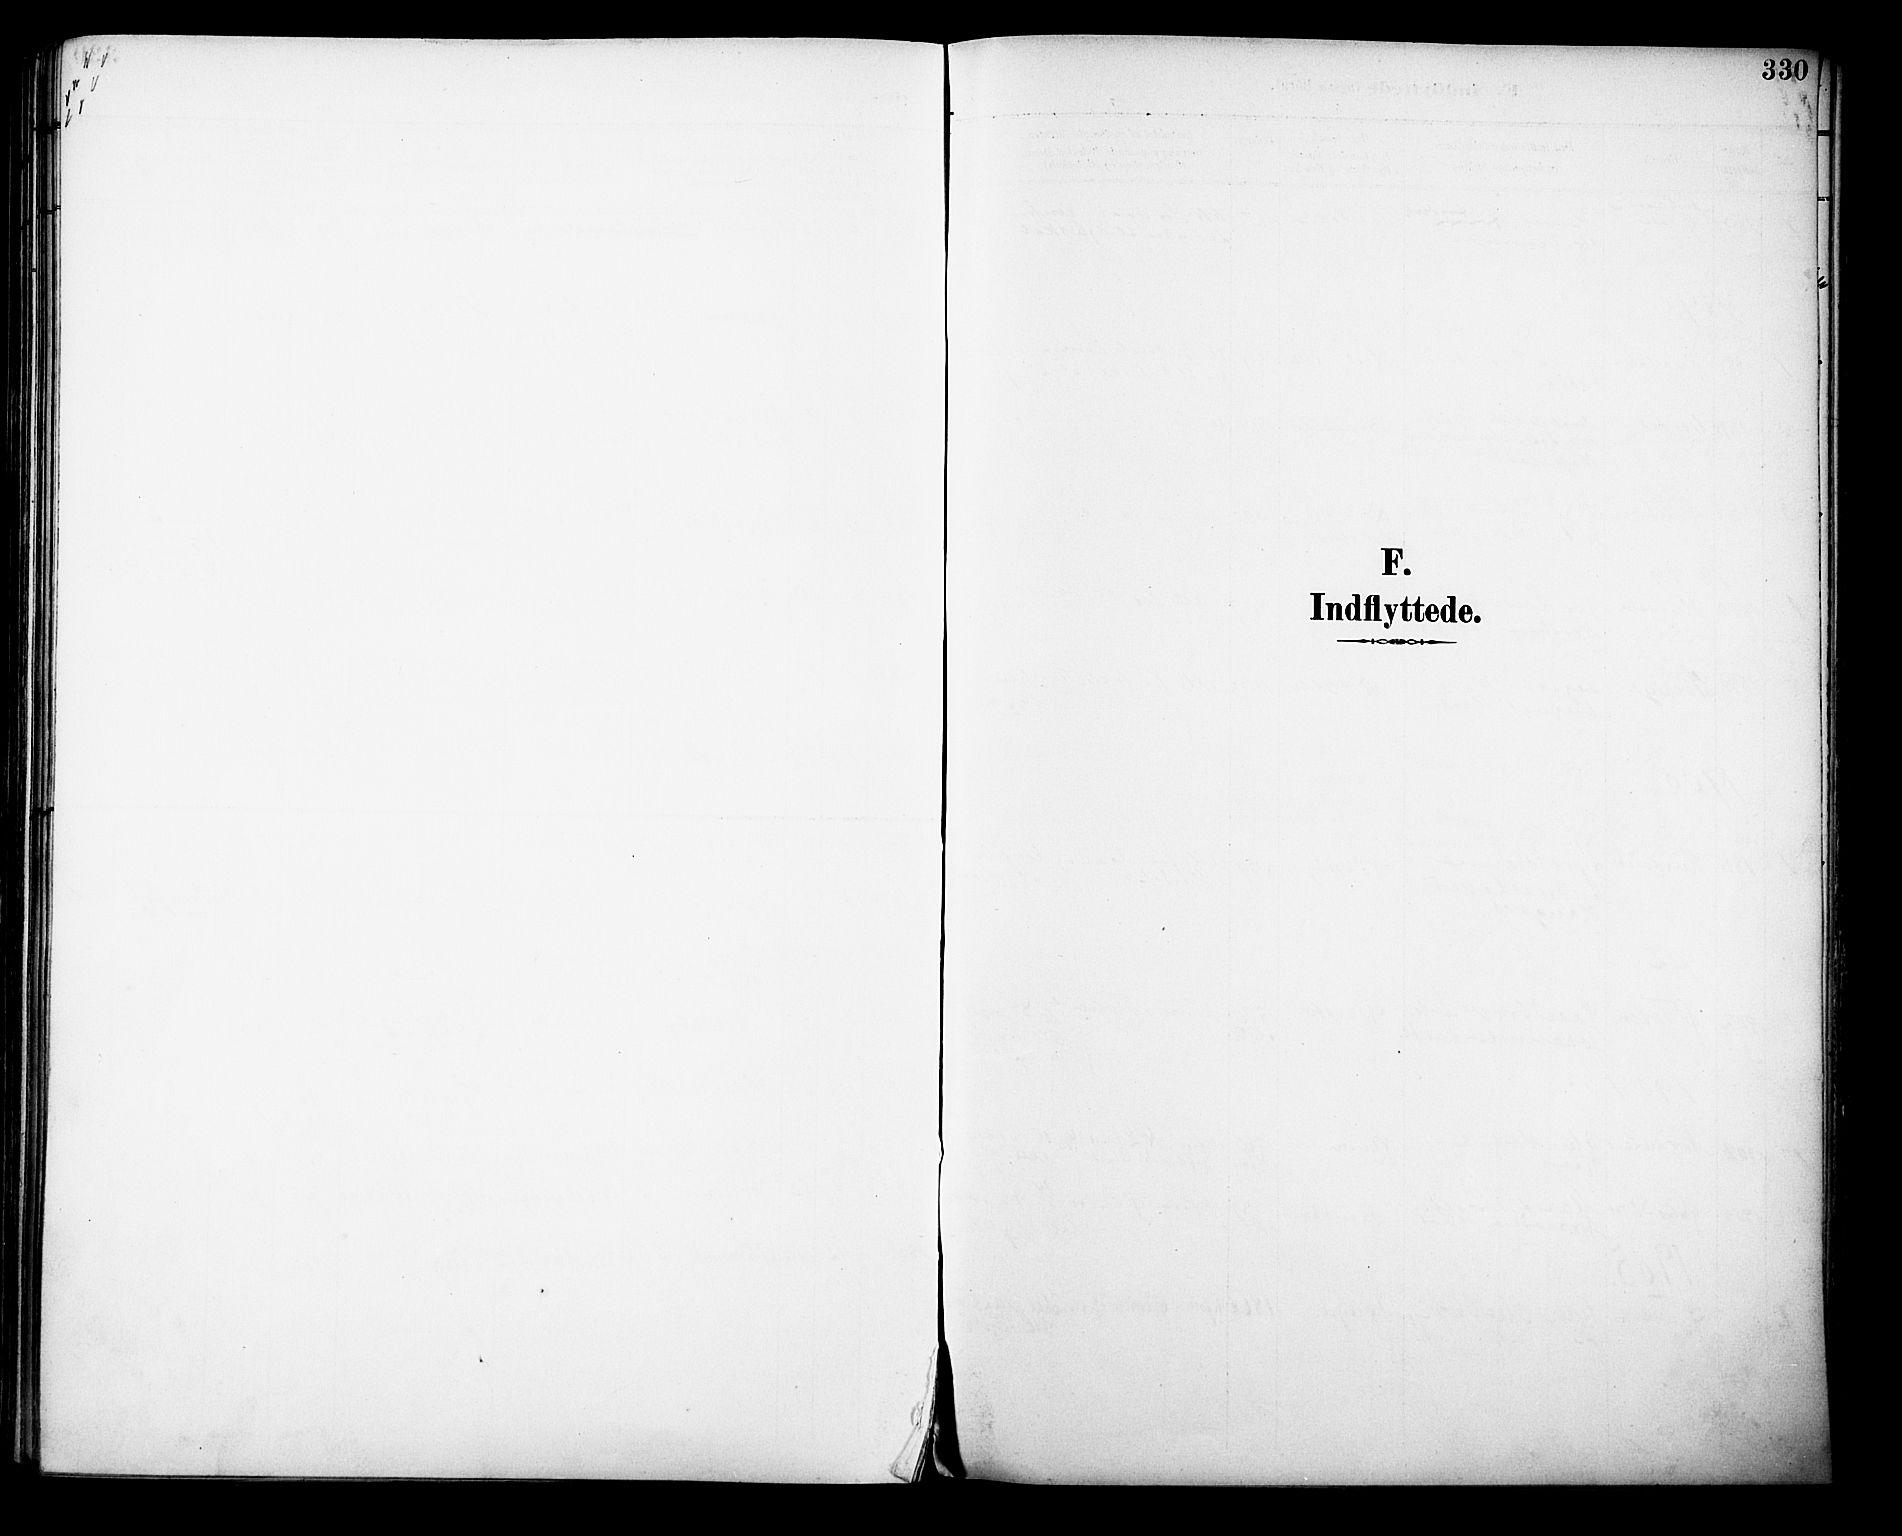 SAH, Vestre Toten prestekontor, Ministerialbok nr. 13, 1895-1911, s. 330